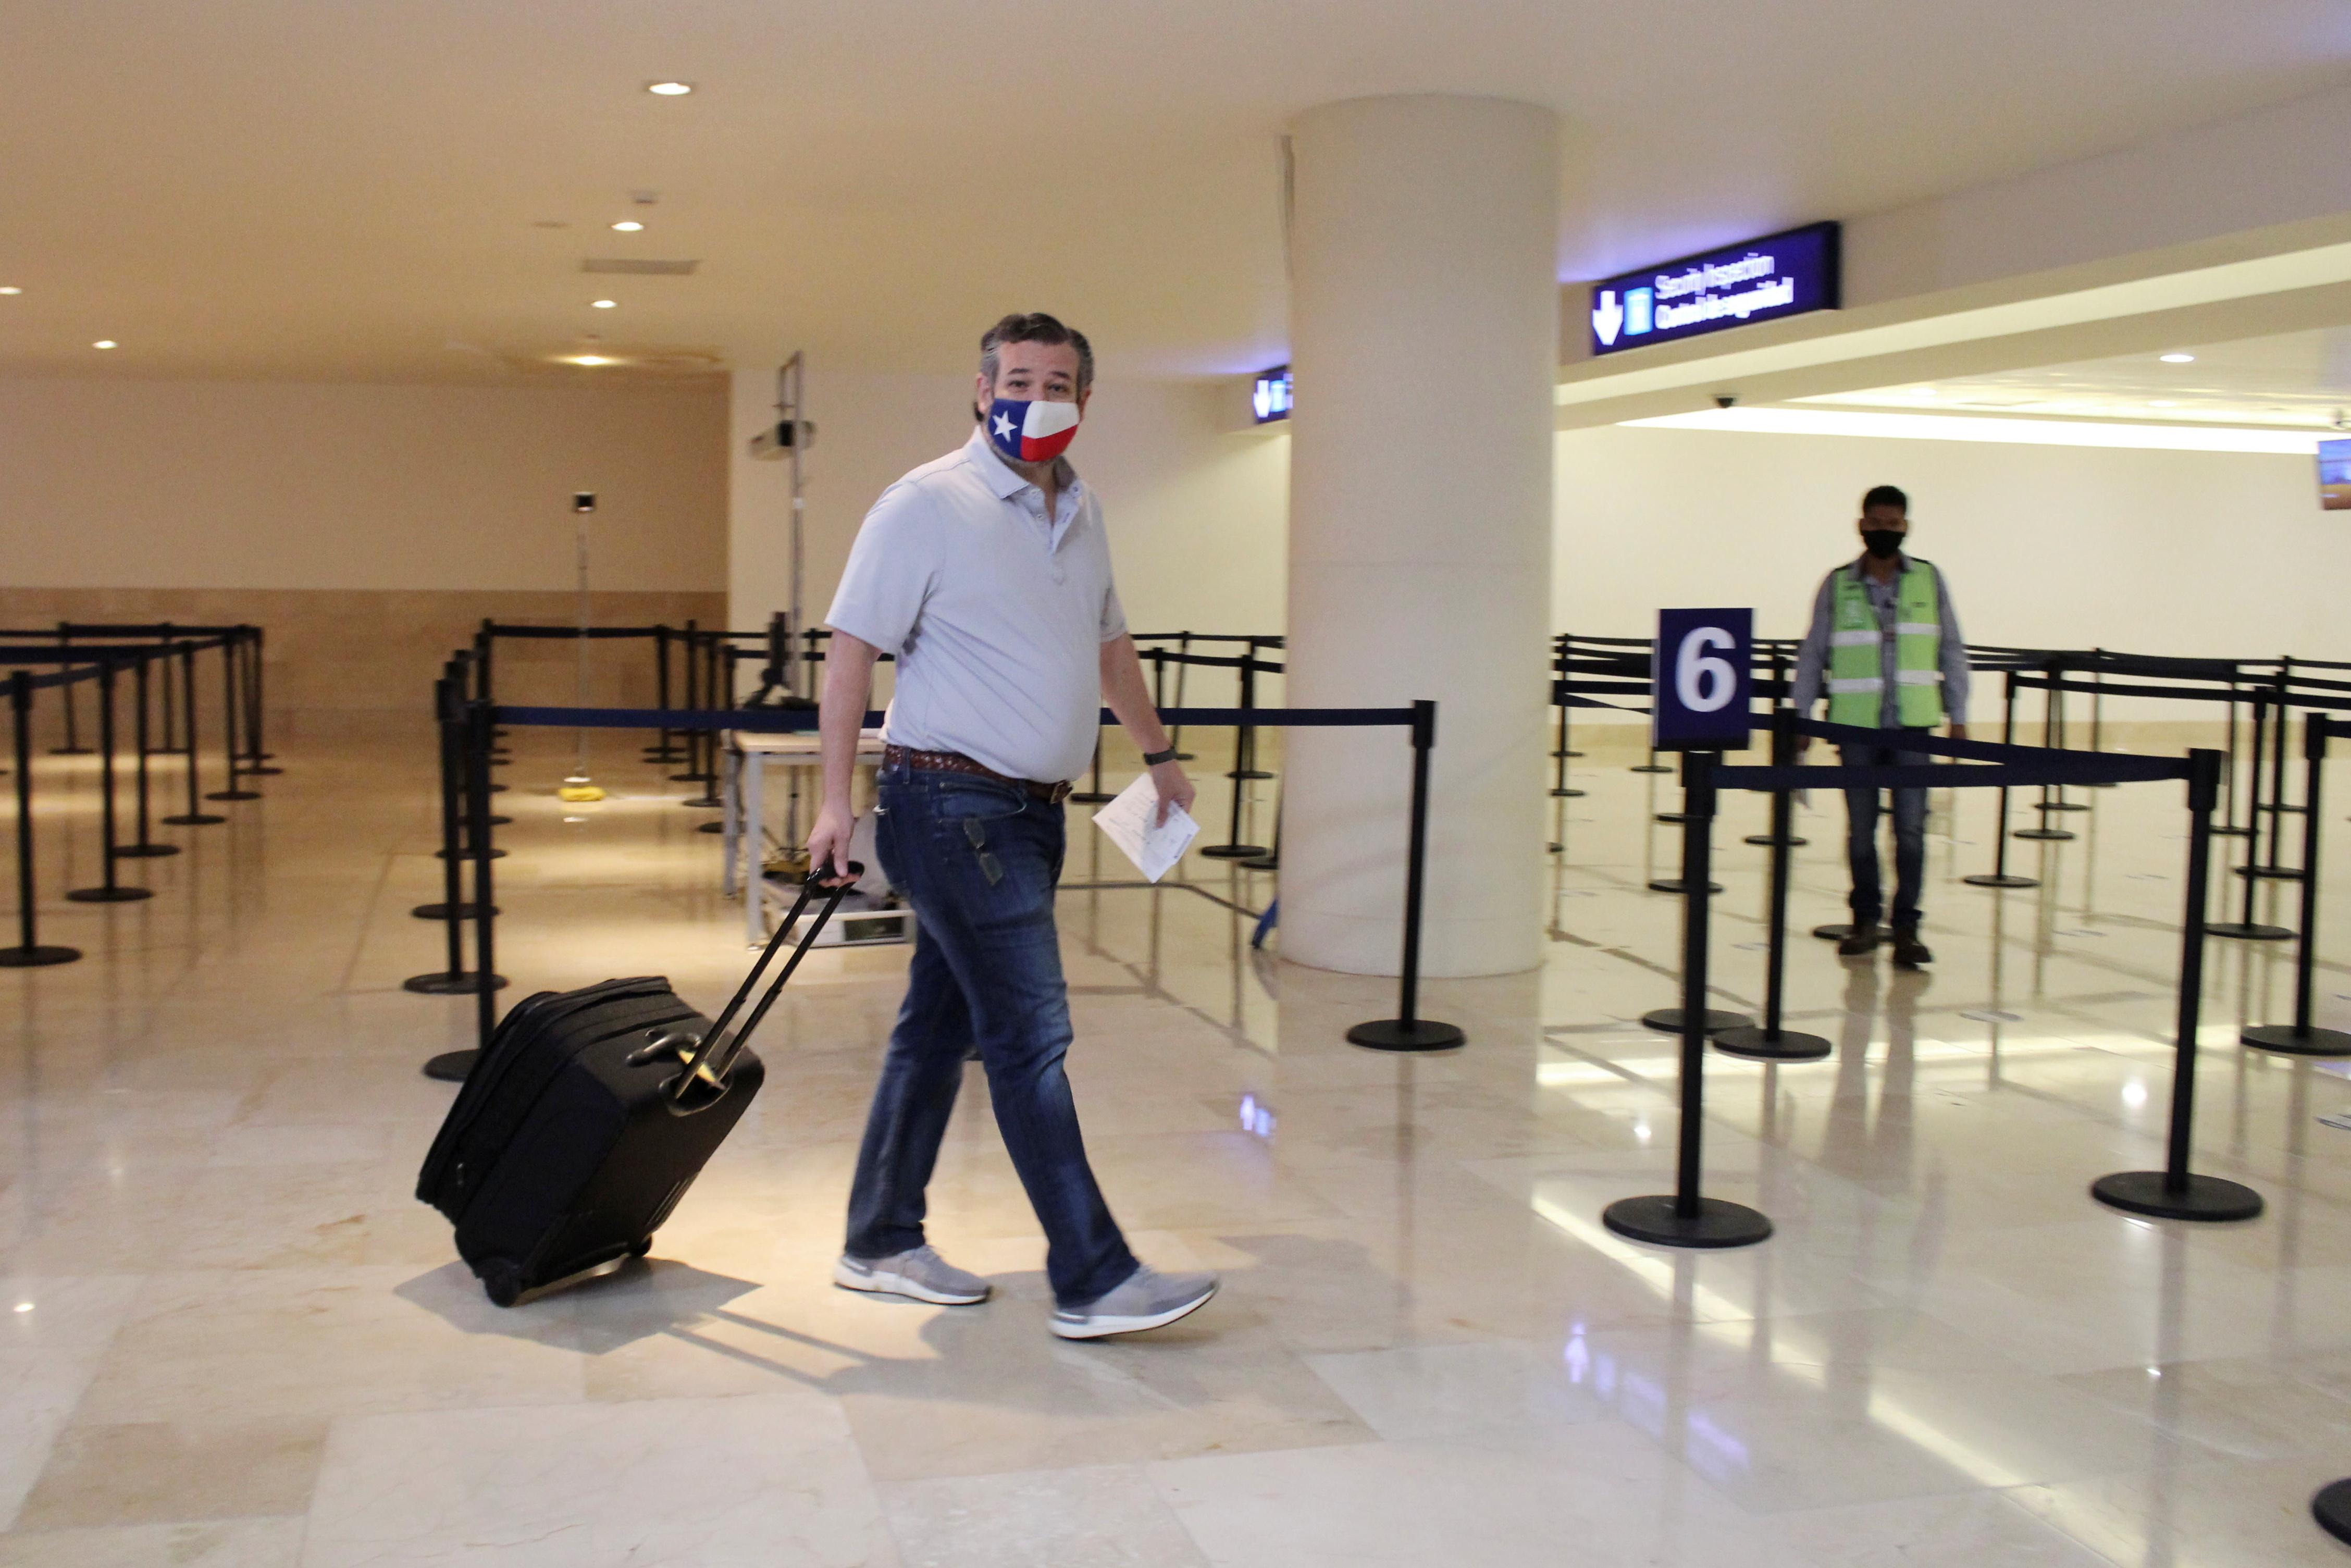 El senador Ted Cruz, ayer en el aeropuerto de Cancún.